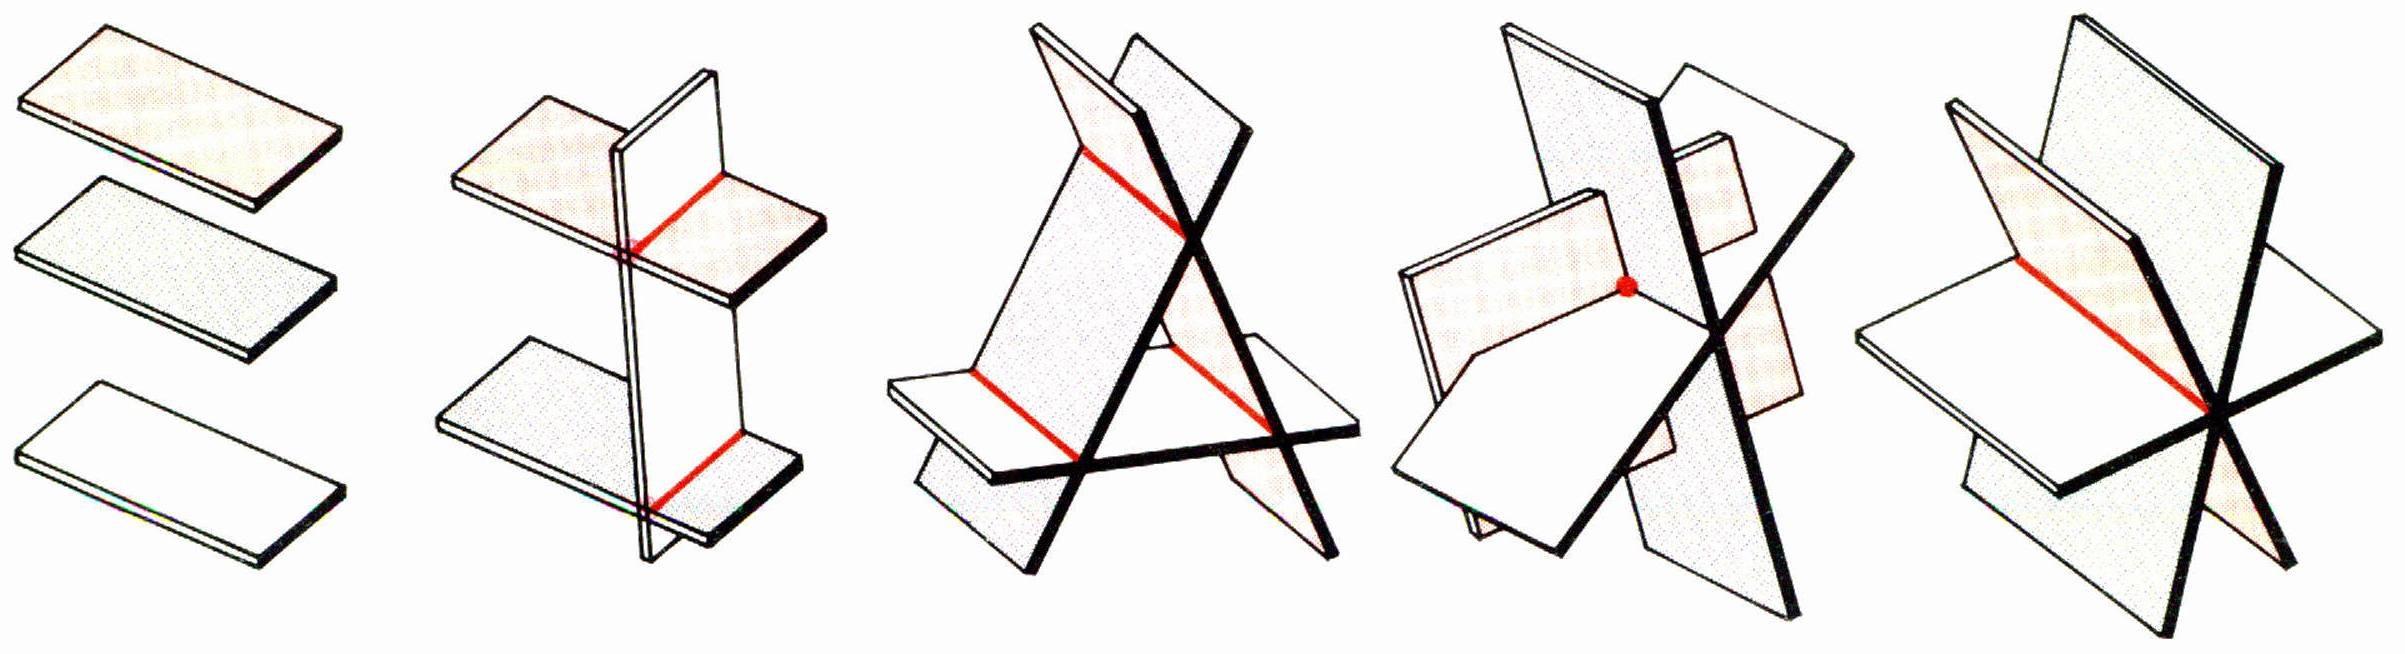 gleichung von drei ebenen l sen schule mathematik gleichungen. Black Bedroom Furniture Sets. Home Design Ideas